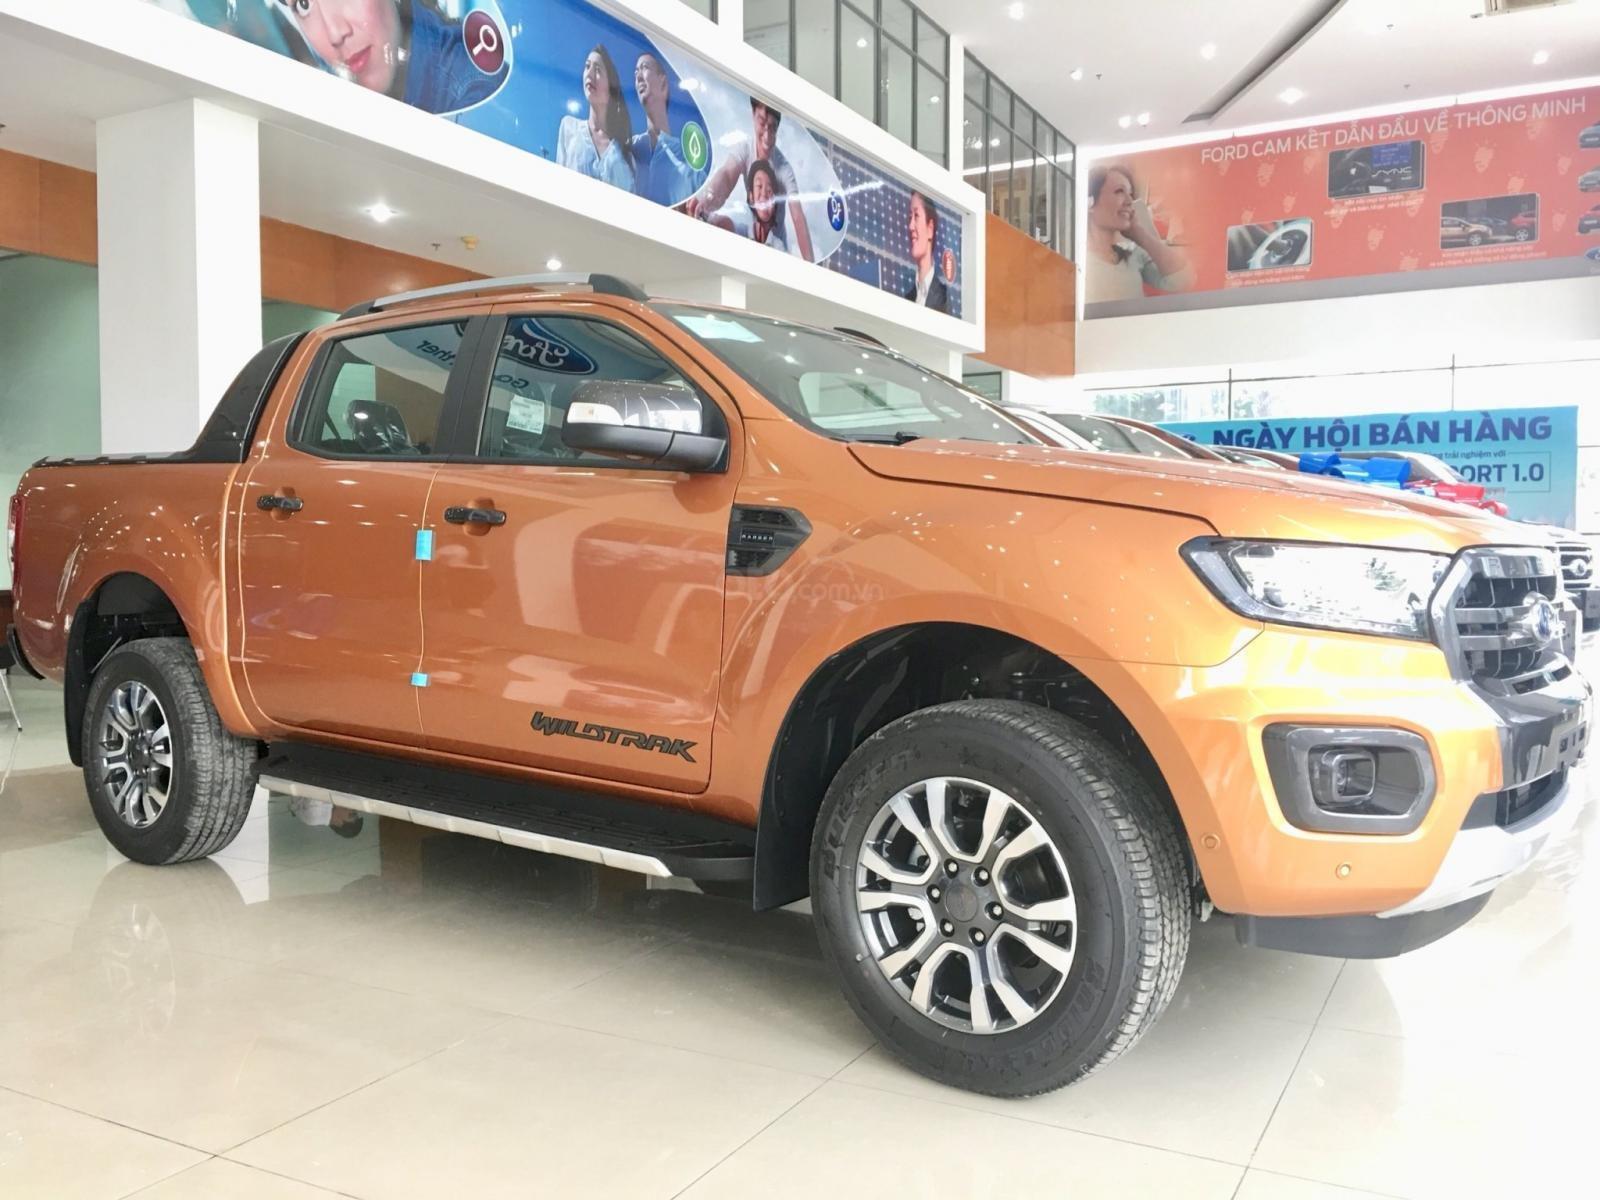 Ford Ranger Wildtrak giảm 45tr tiền mặt, tặng full phụ kiện, tặng nắp thùng. Lh: 0901363466-0